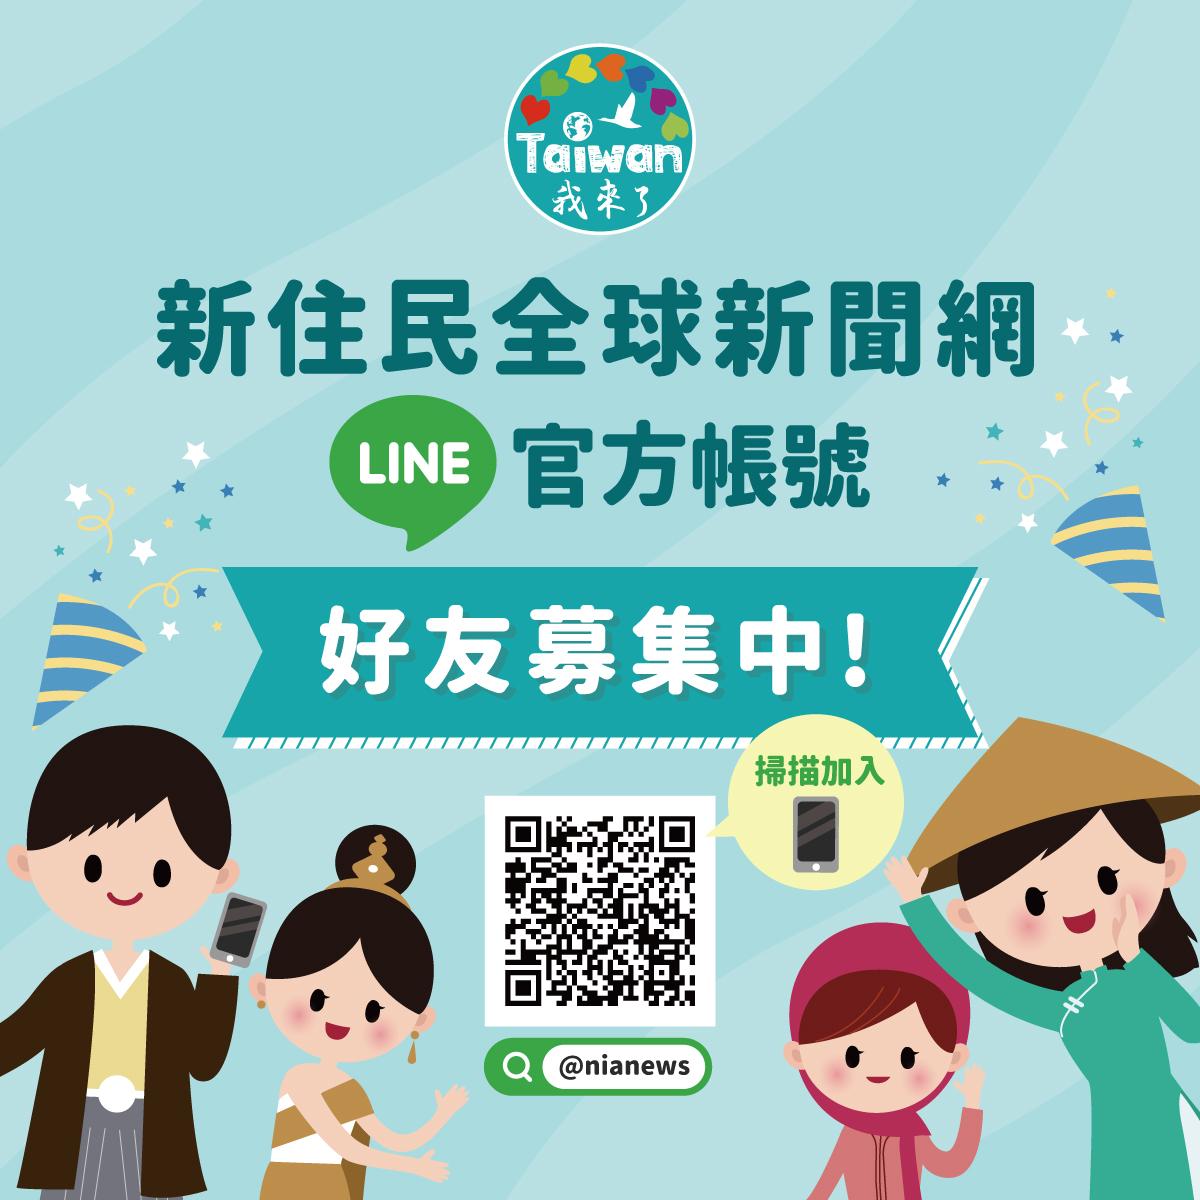 新住民全球新聞網粉絲團「Taiwan我來了」109年5月份網路抽獎活動